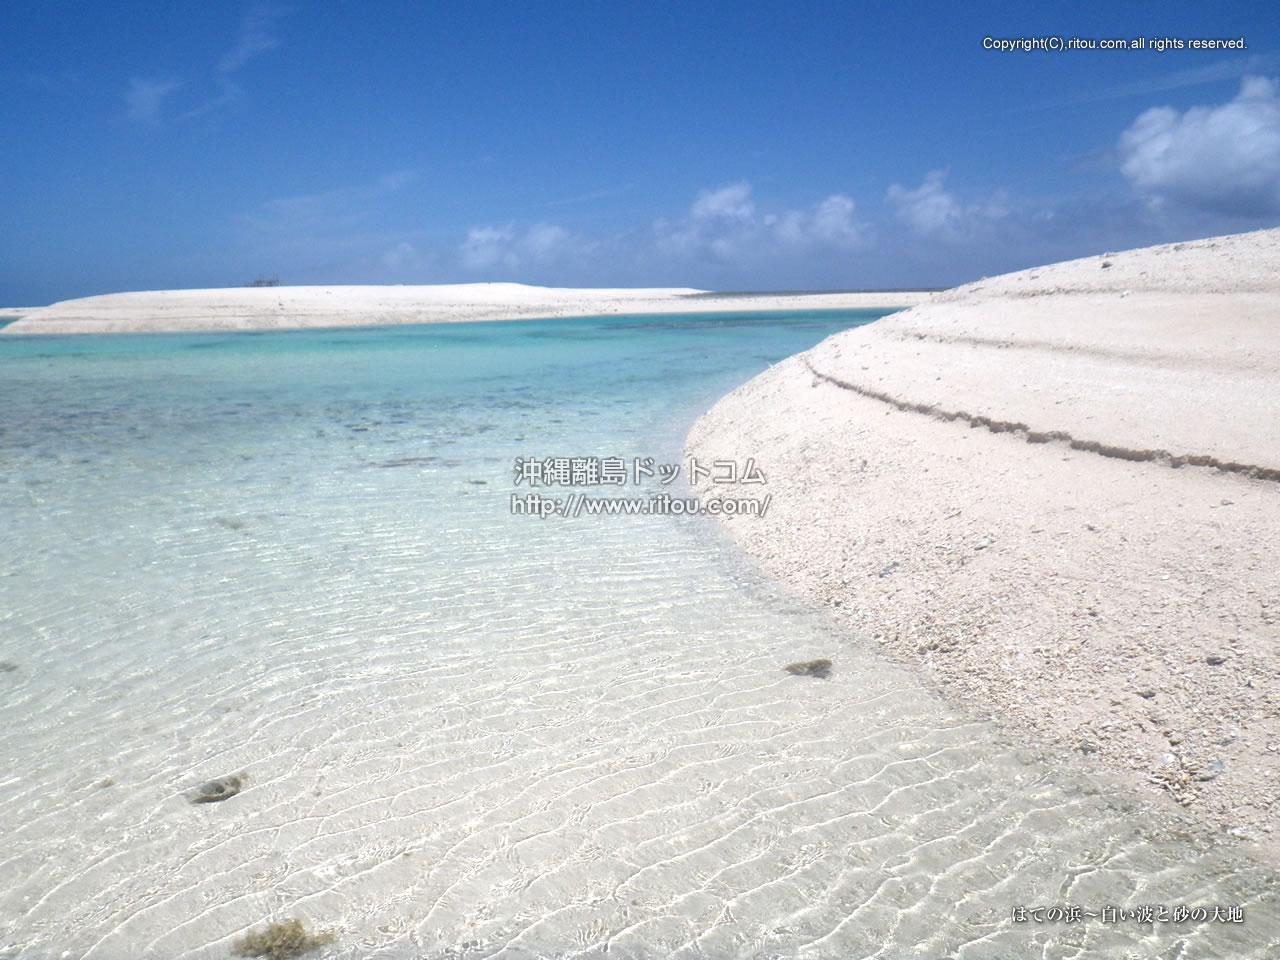 はての浜〜白い波と砂の大地